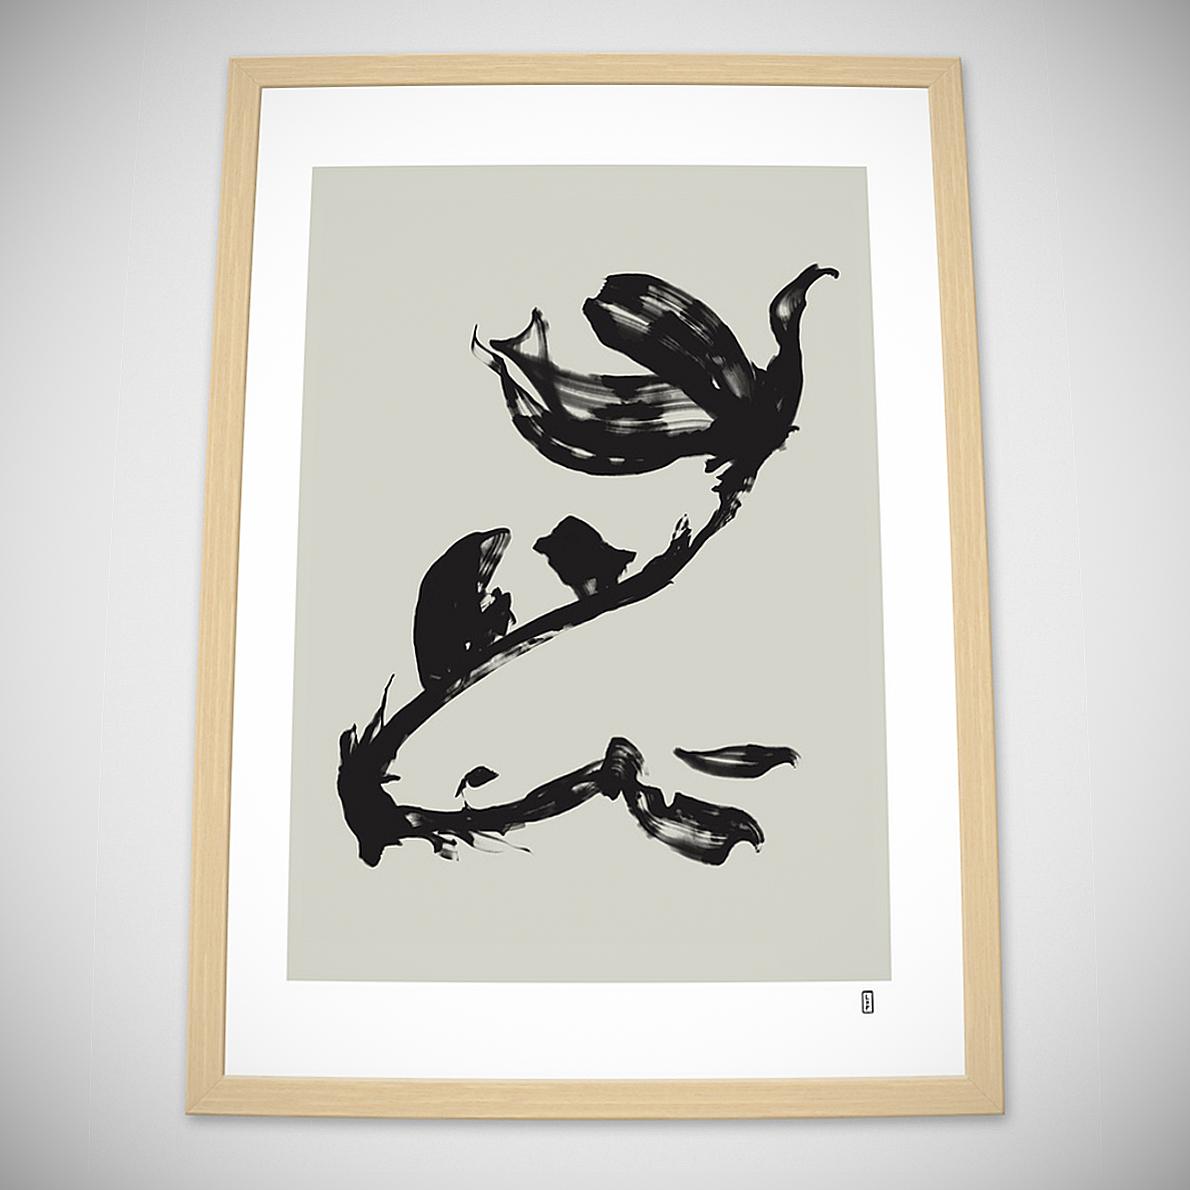 lucasxpham-lxp-koi-fish-painting.jpg